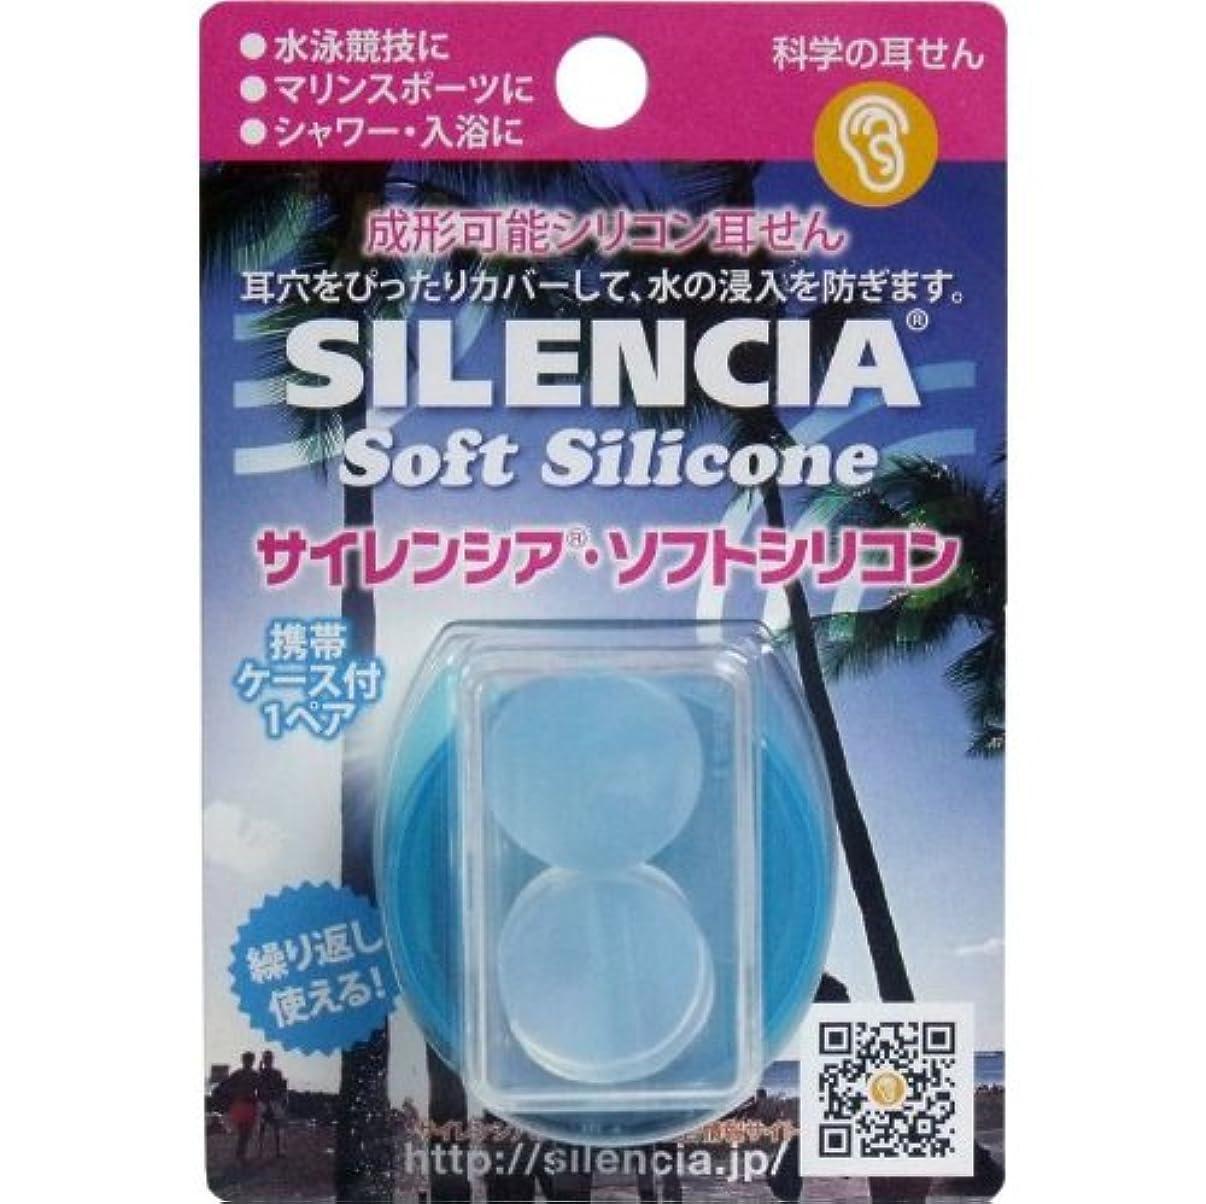 ラダ真実に箱サイレンシア ソフトシリコン 携帯ケース付1ペア入